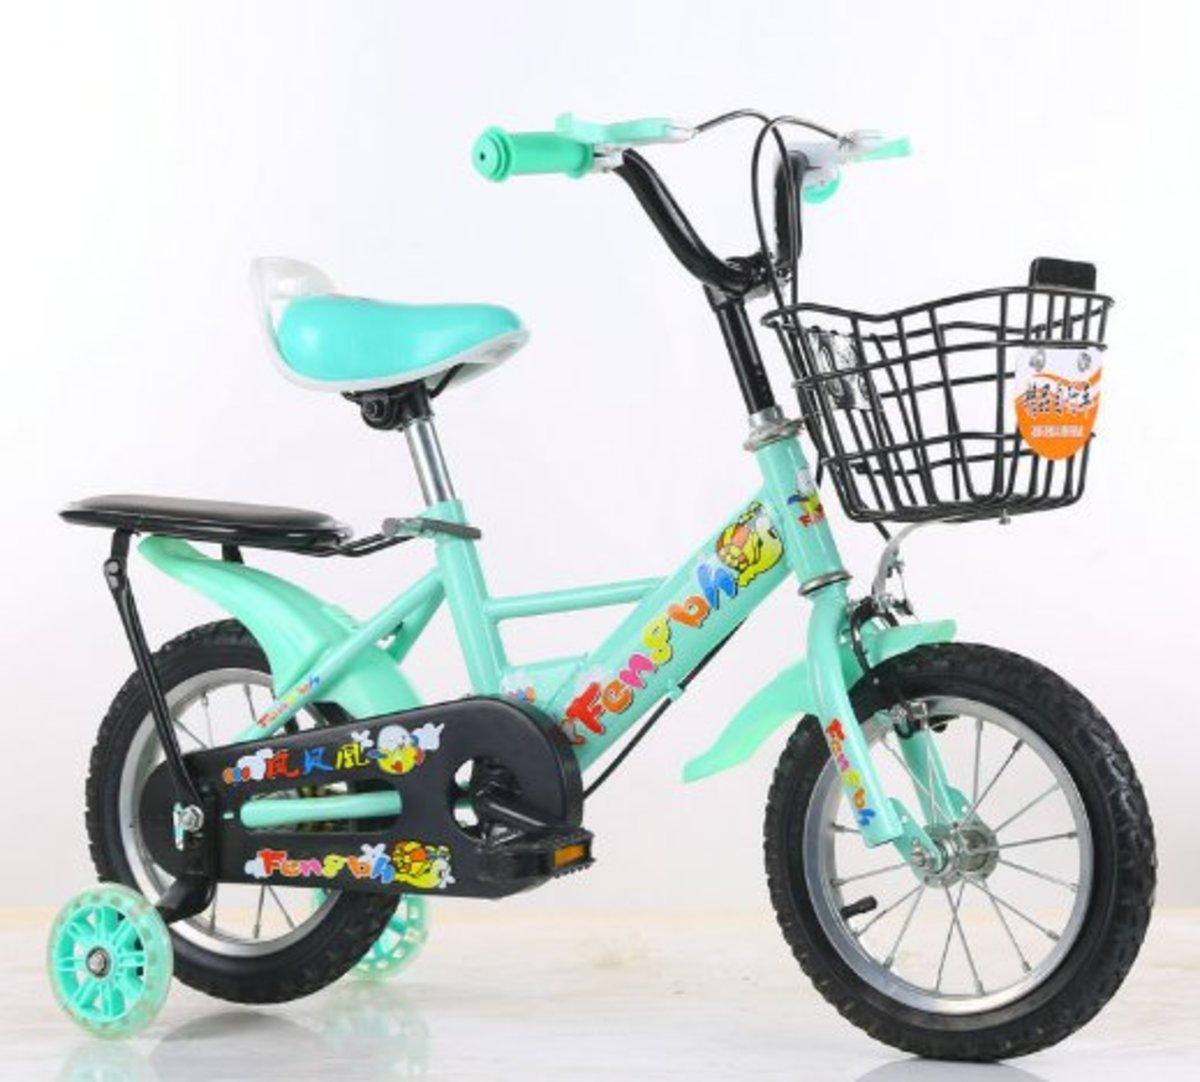 兒童單車腳踏自行車(天藍色14寸)適合3-5歲